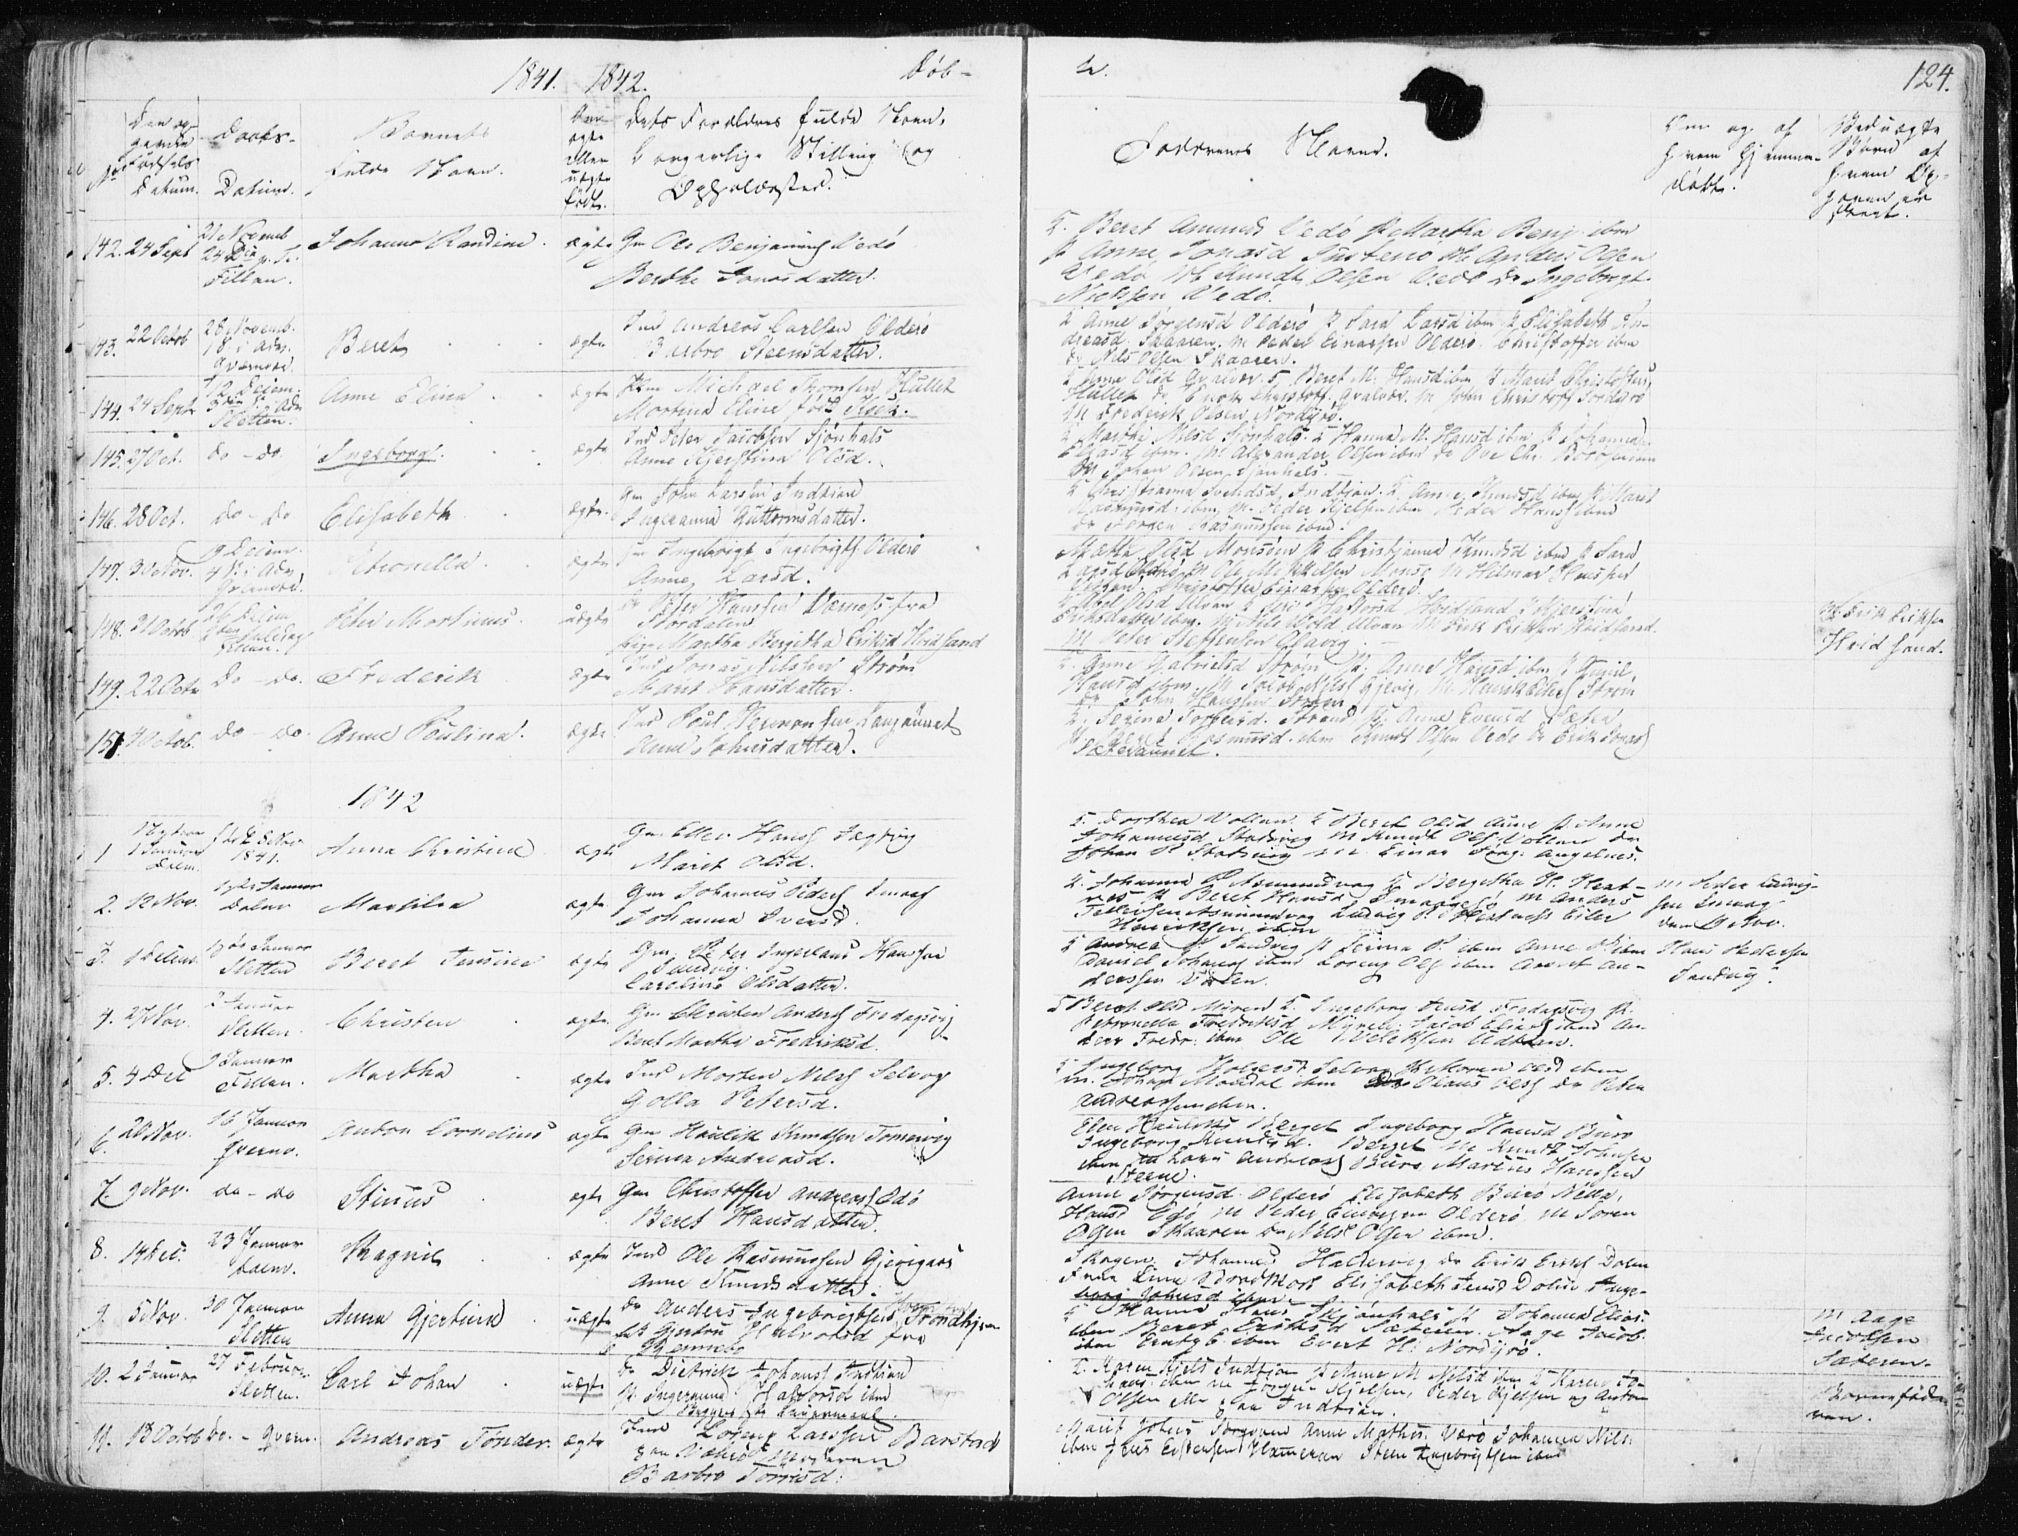 SAT, Ministerialprotokoller, klokkerbøker og fødselsregistre - Sør-Trøndelag, 634/L0528: Ministerialbok nr. 634A04, 1827-1842, s. 124